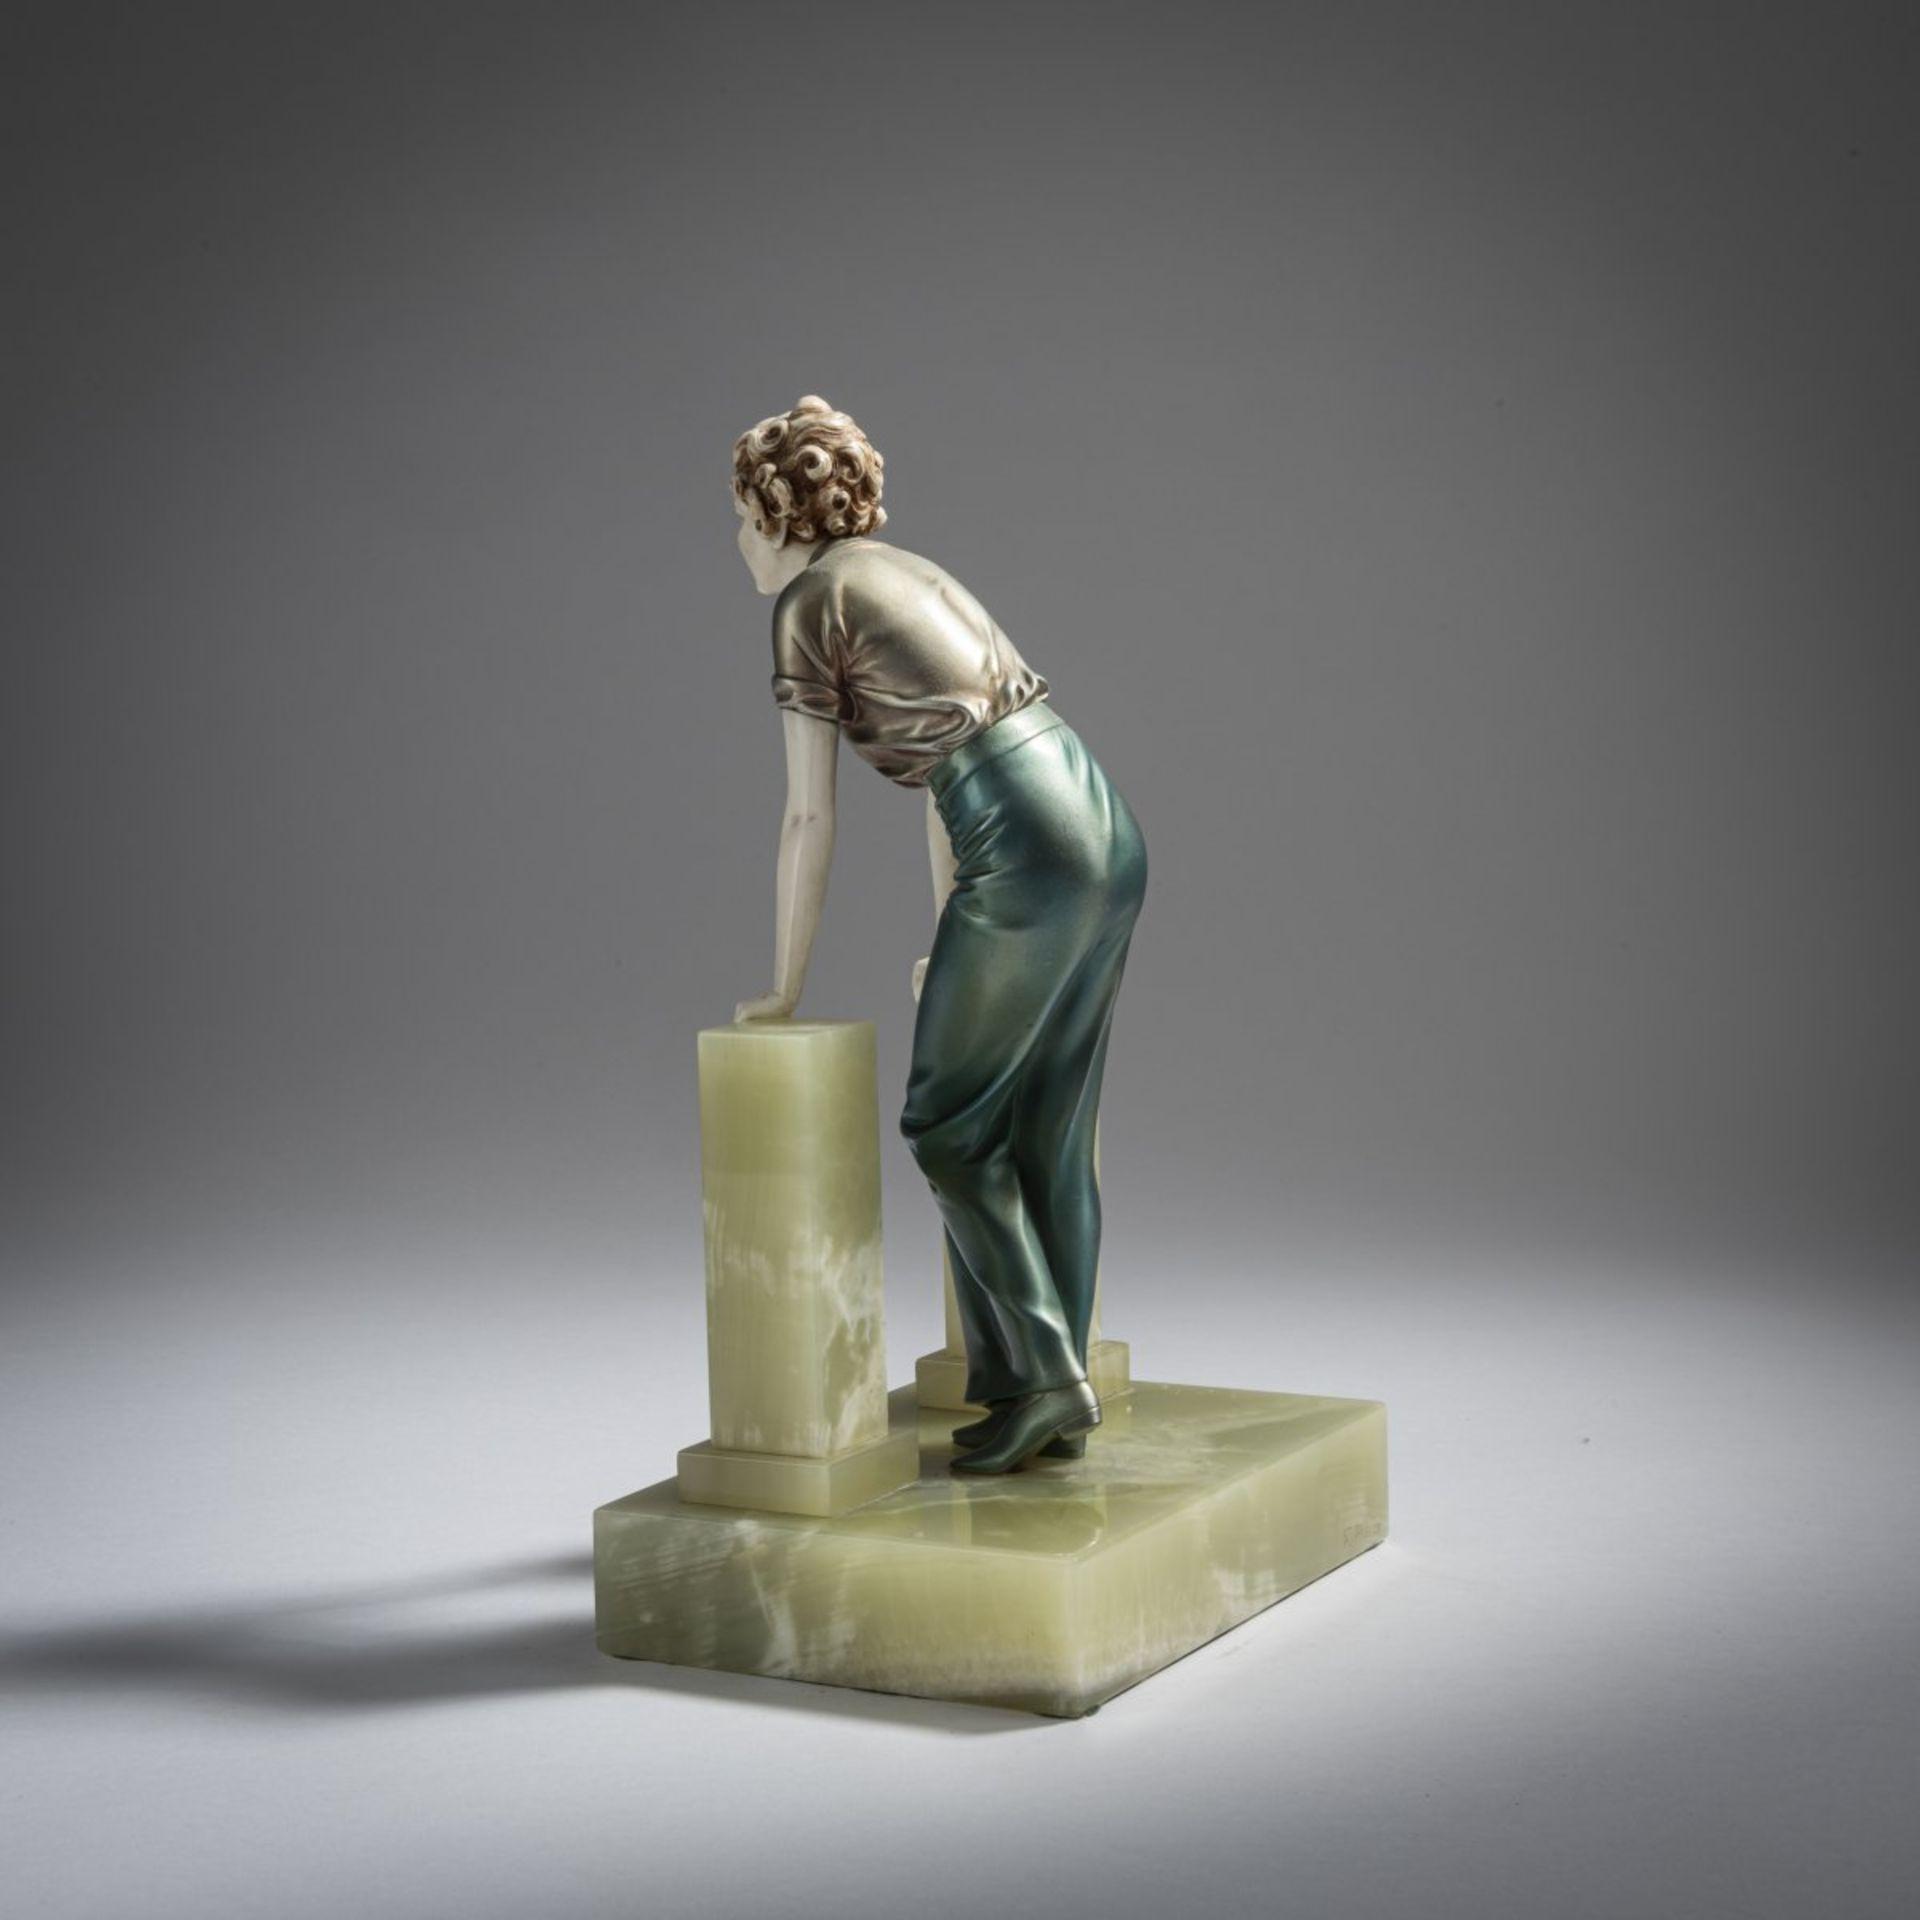 Ferdinand Preiss, 'The Stile', um 1928 - Bild 6 aus 9